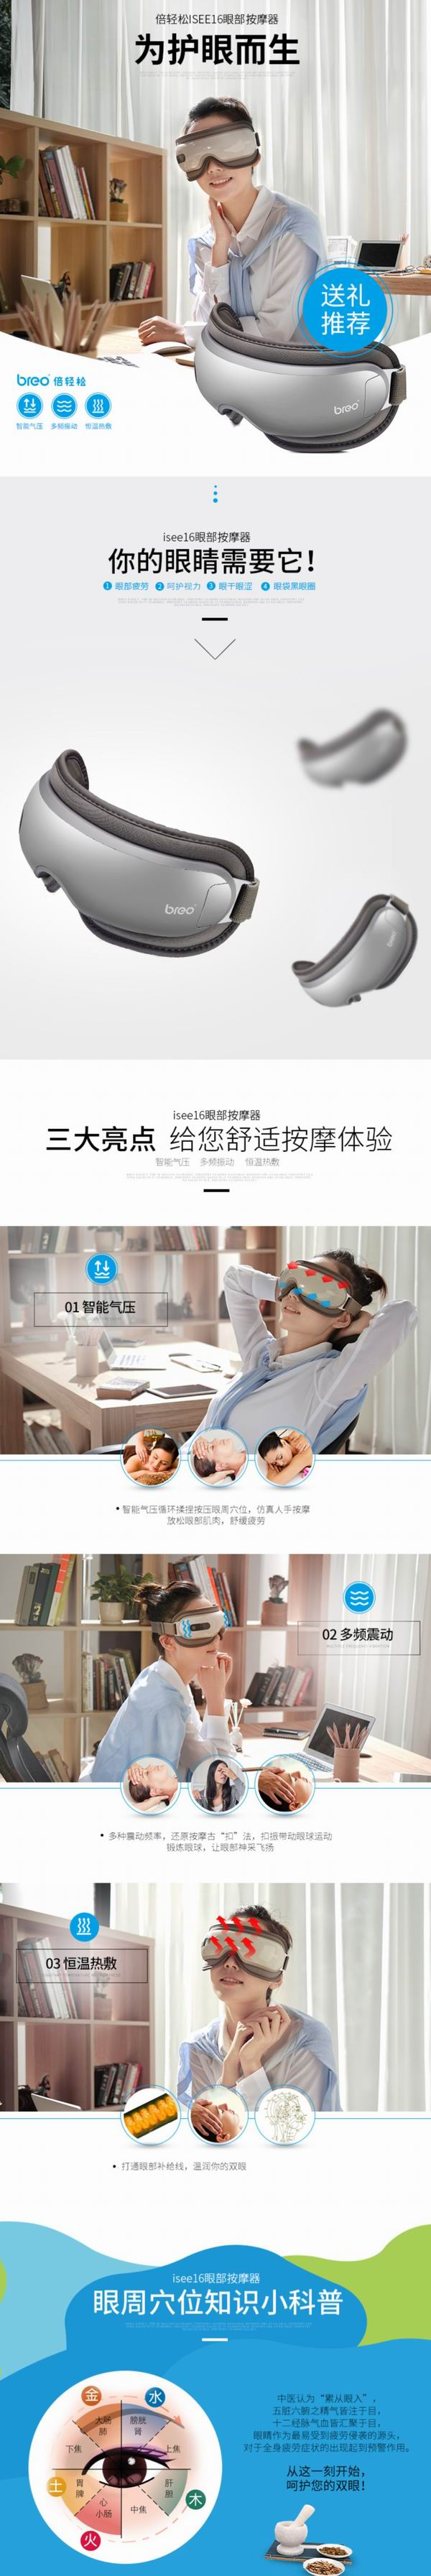 历史新低!Breo iSee16 红外热敷 智能眼部按摩器 69.99加元包邮!有效舒缓眼部疲劳!